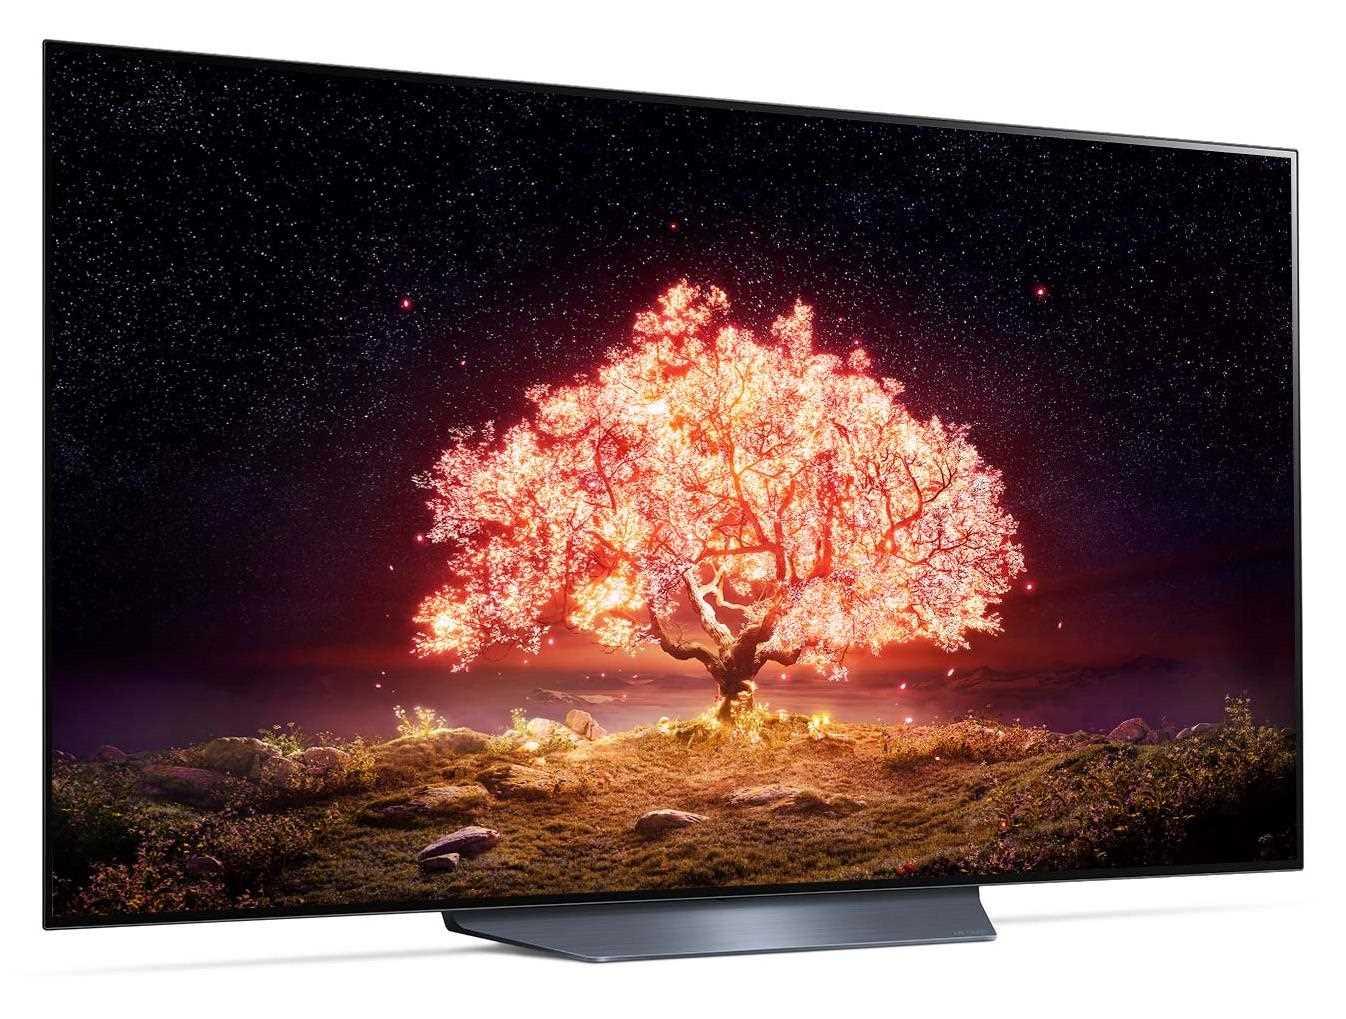 טלוויזיה 55 אינץ' דגם OLED 55B16LA/PVA  בטכנולוגיית LG OLED 4K Ultra HD אל ג'י - תמונה 6